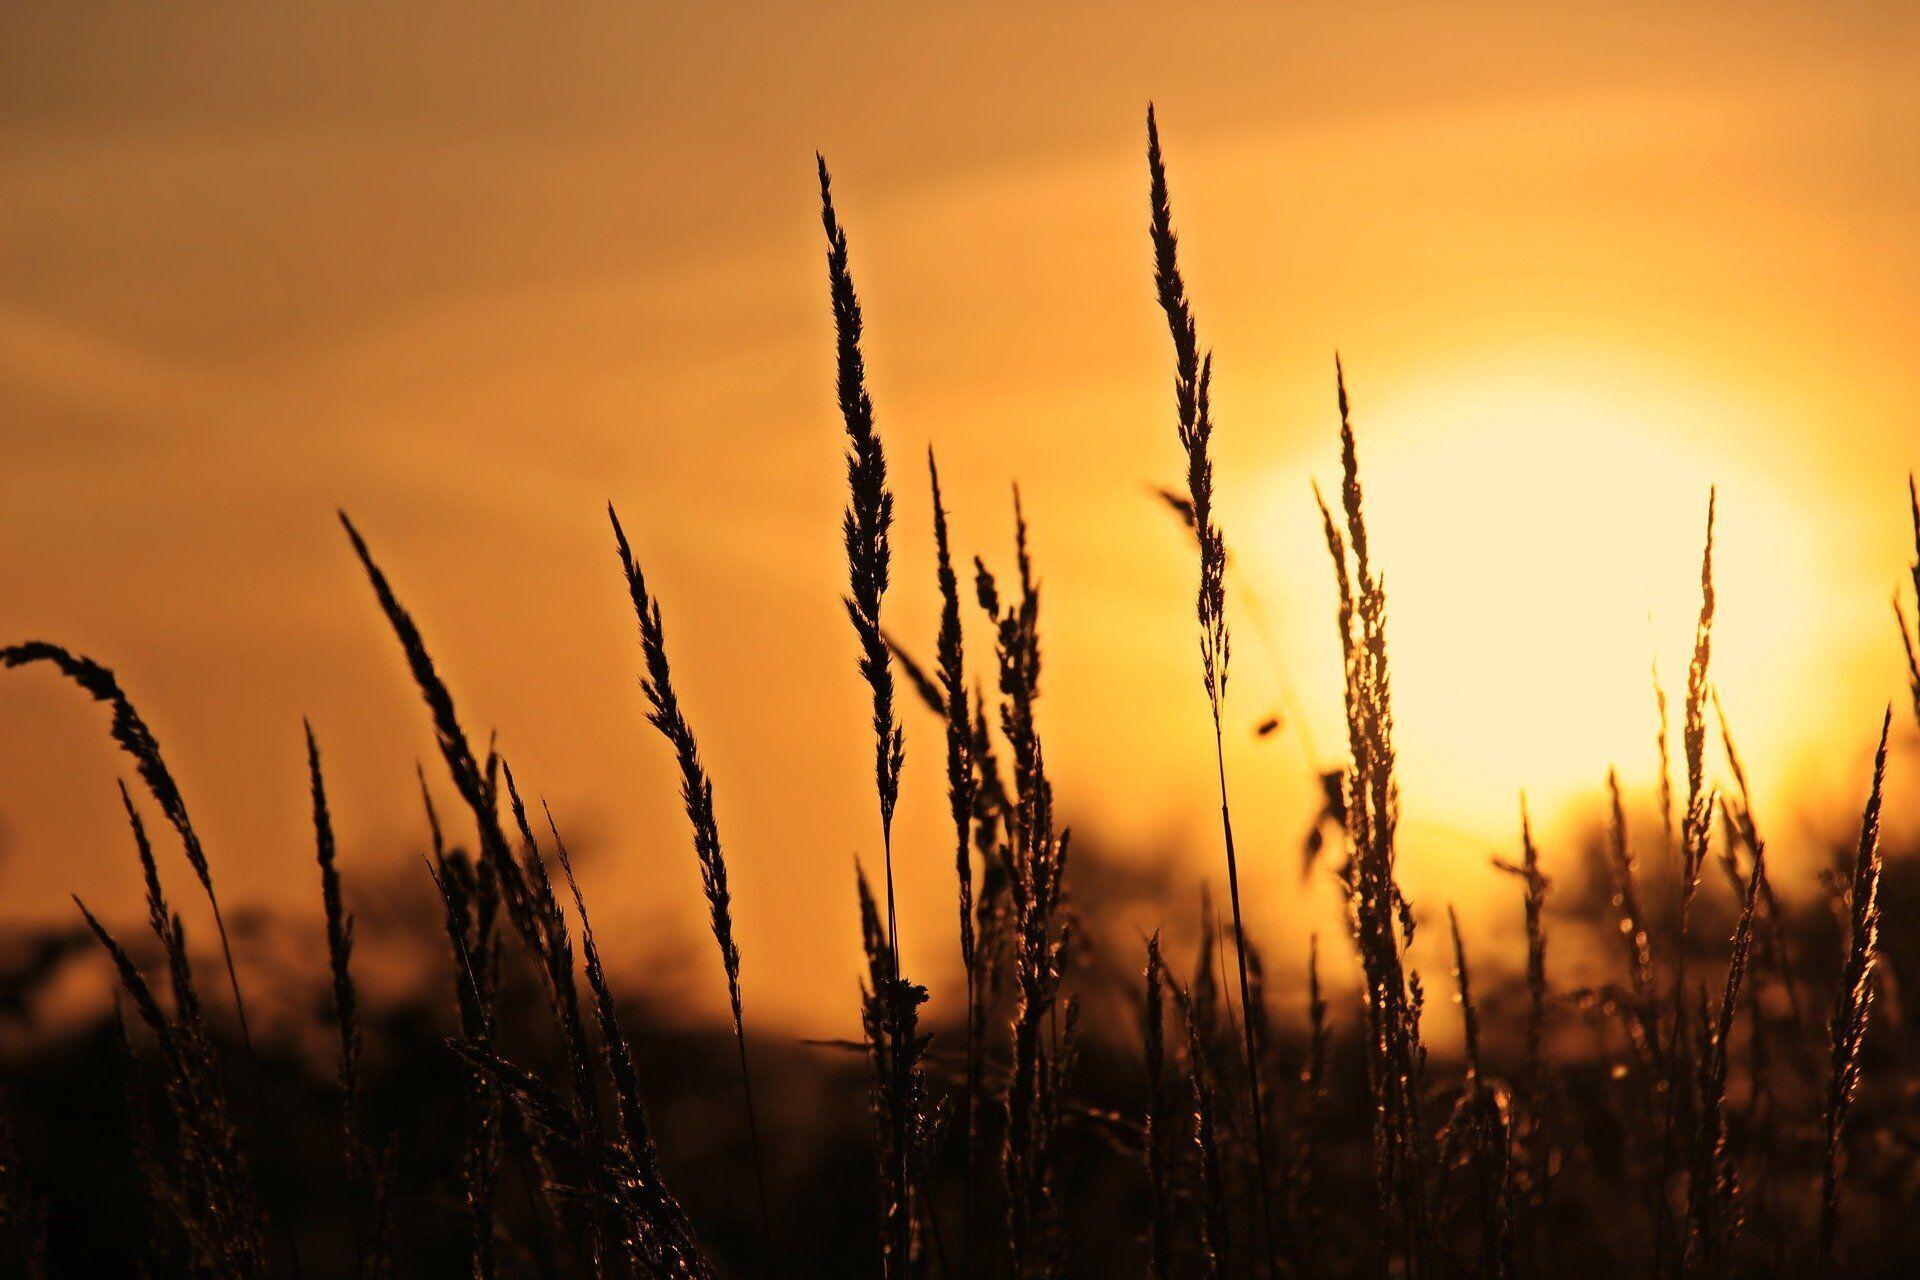 В старину на Василия Теплого люди выходили наблюдать за восходом солнца